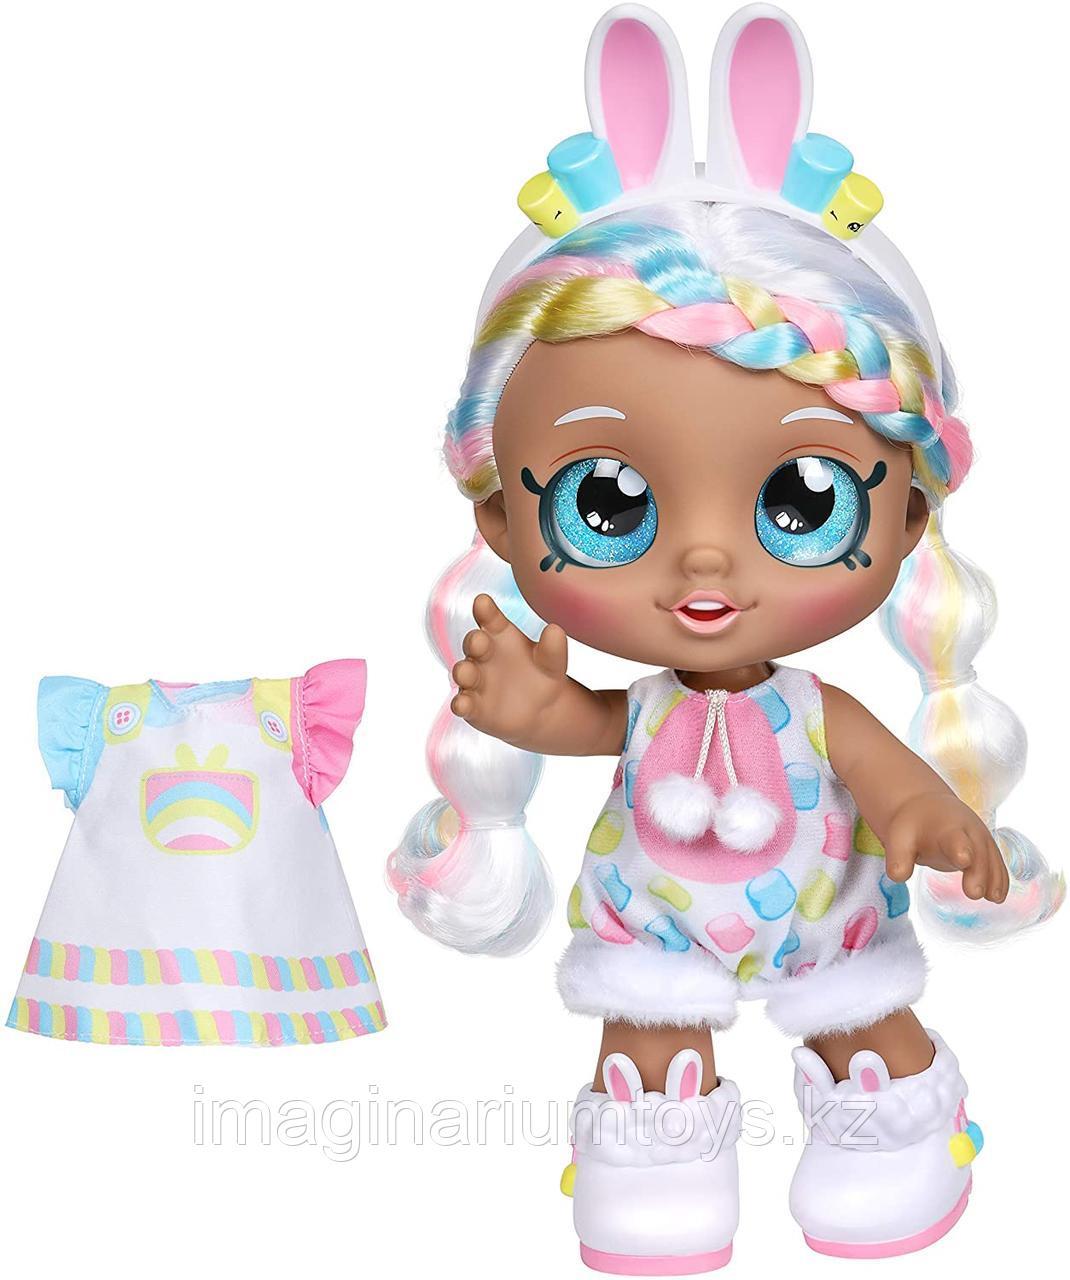 Кукла Kindi Kids Маршмеллоу два образа